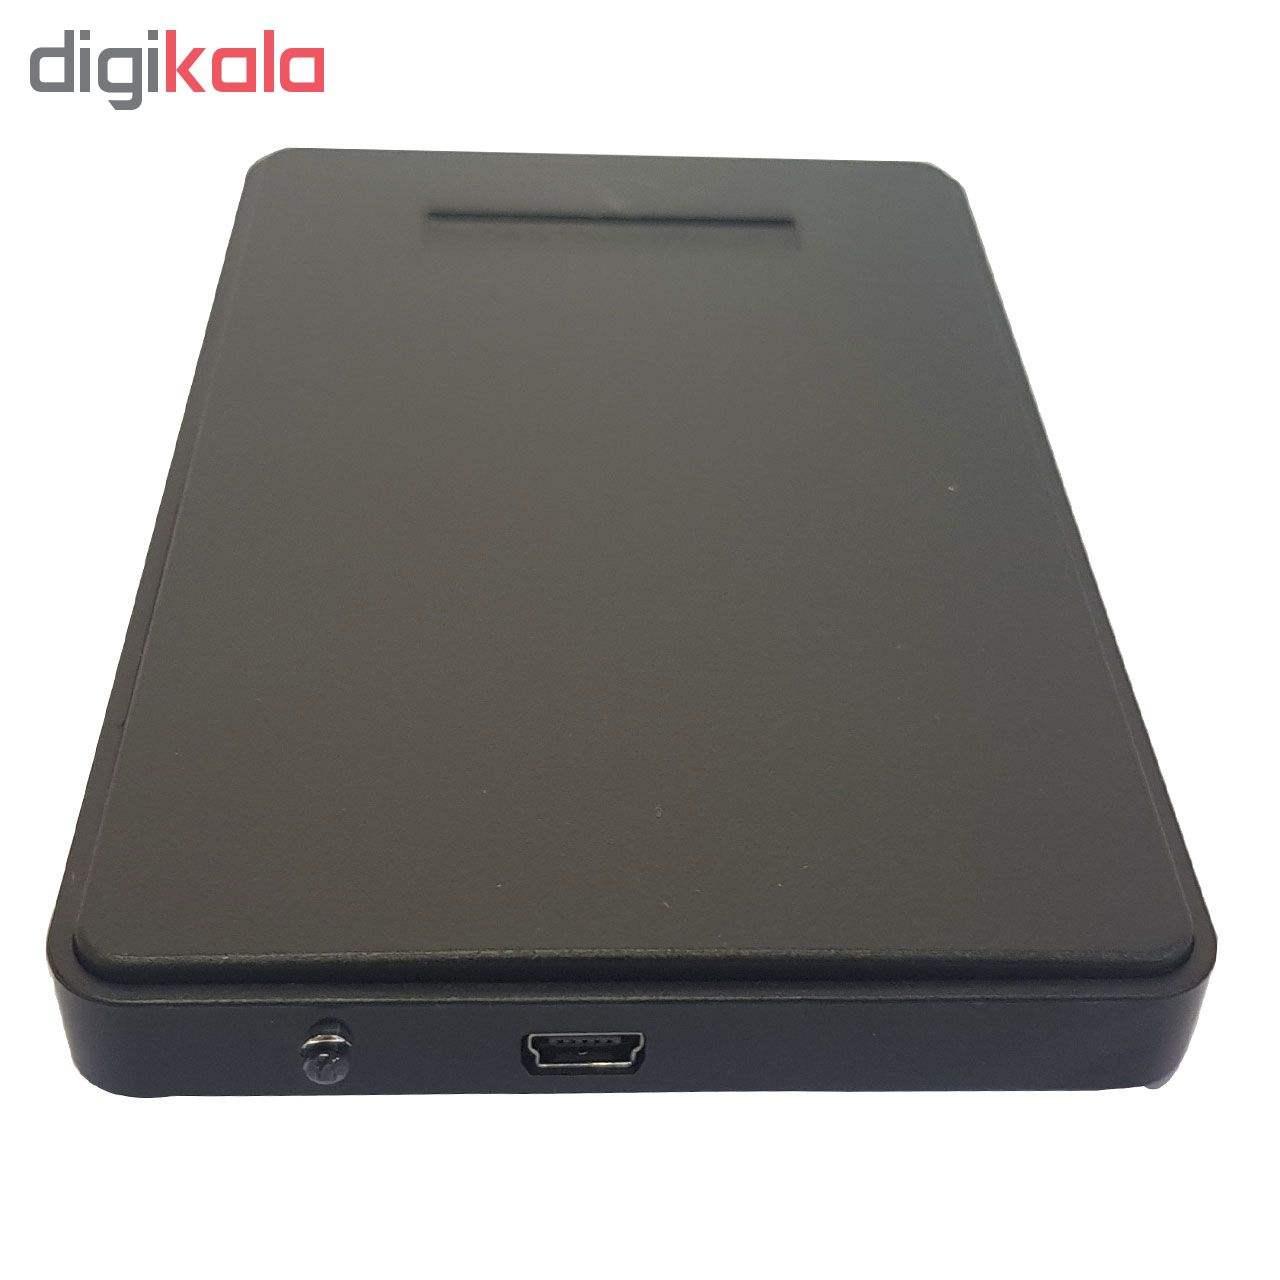 باکس تبدیل SATA به USB 2.0 هارددیسک 2.5 اینچی مدل g120   G120 SATA to USB 2.0 2.5 inch Hard HDD En